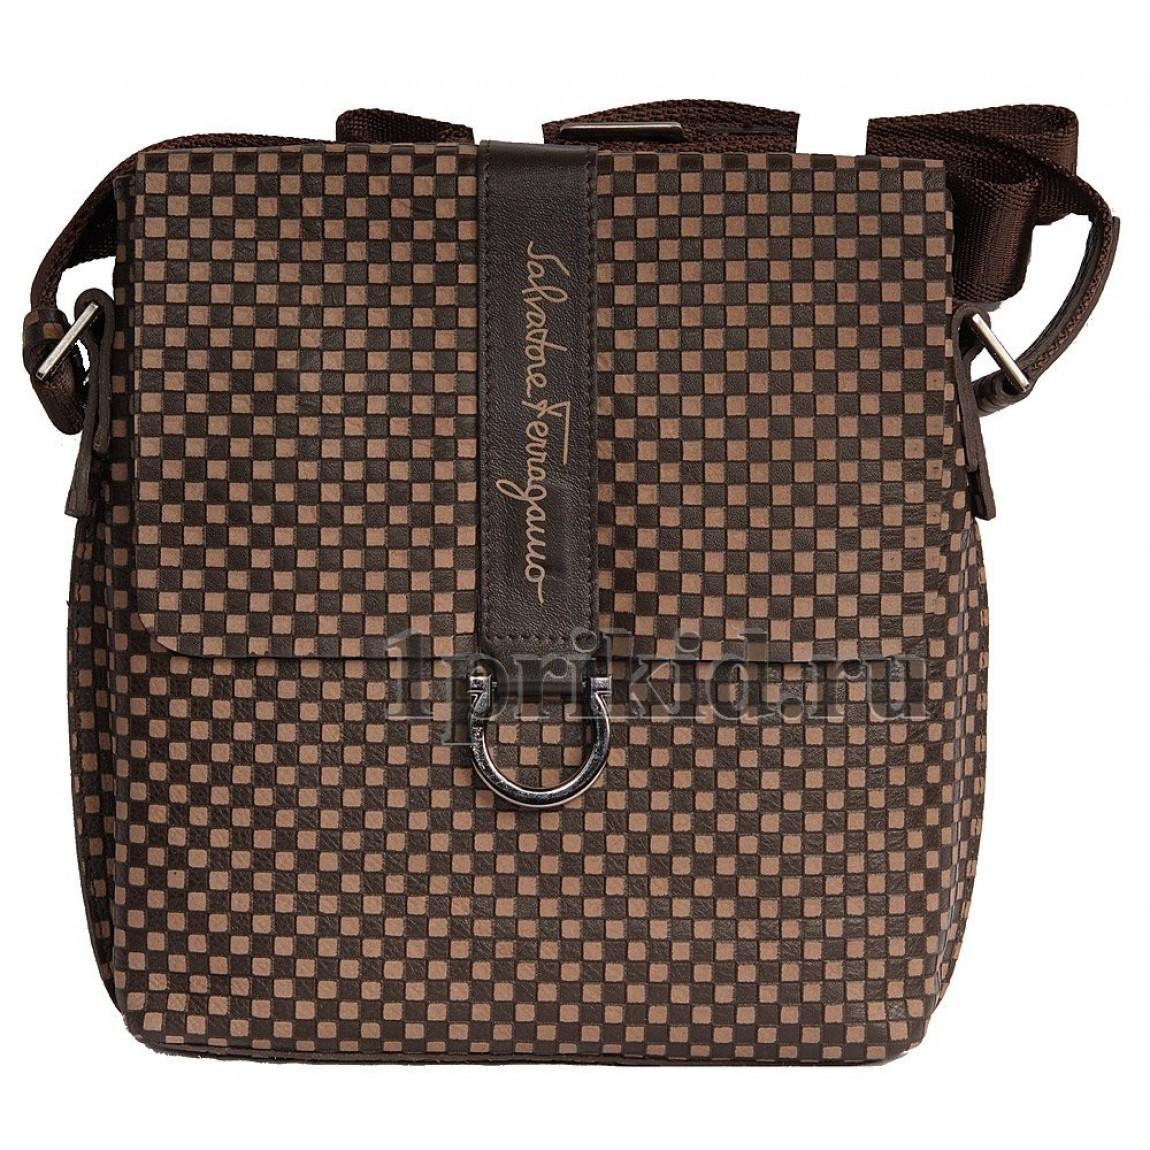 a024aa456038 Salvatore Ferragamo кошельки, портмоне, сумки - купить разных цветов.